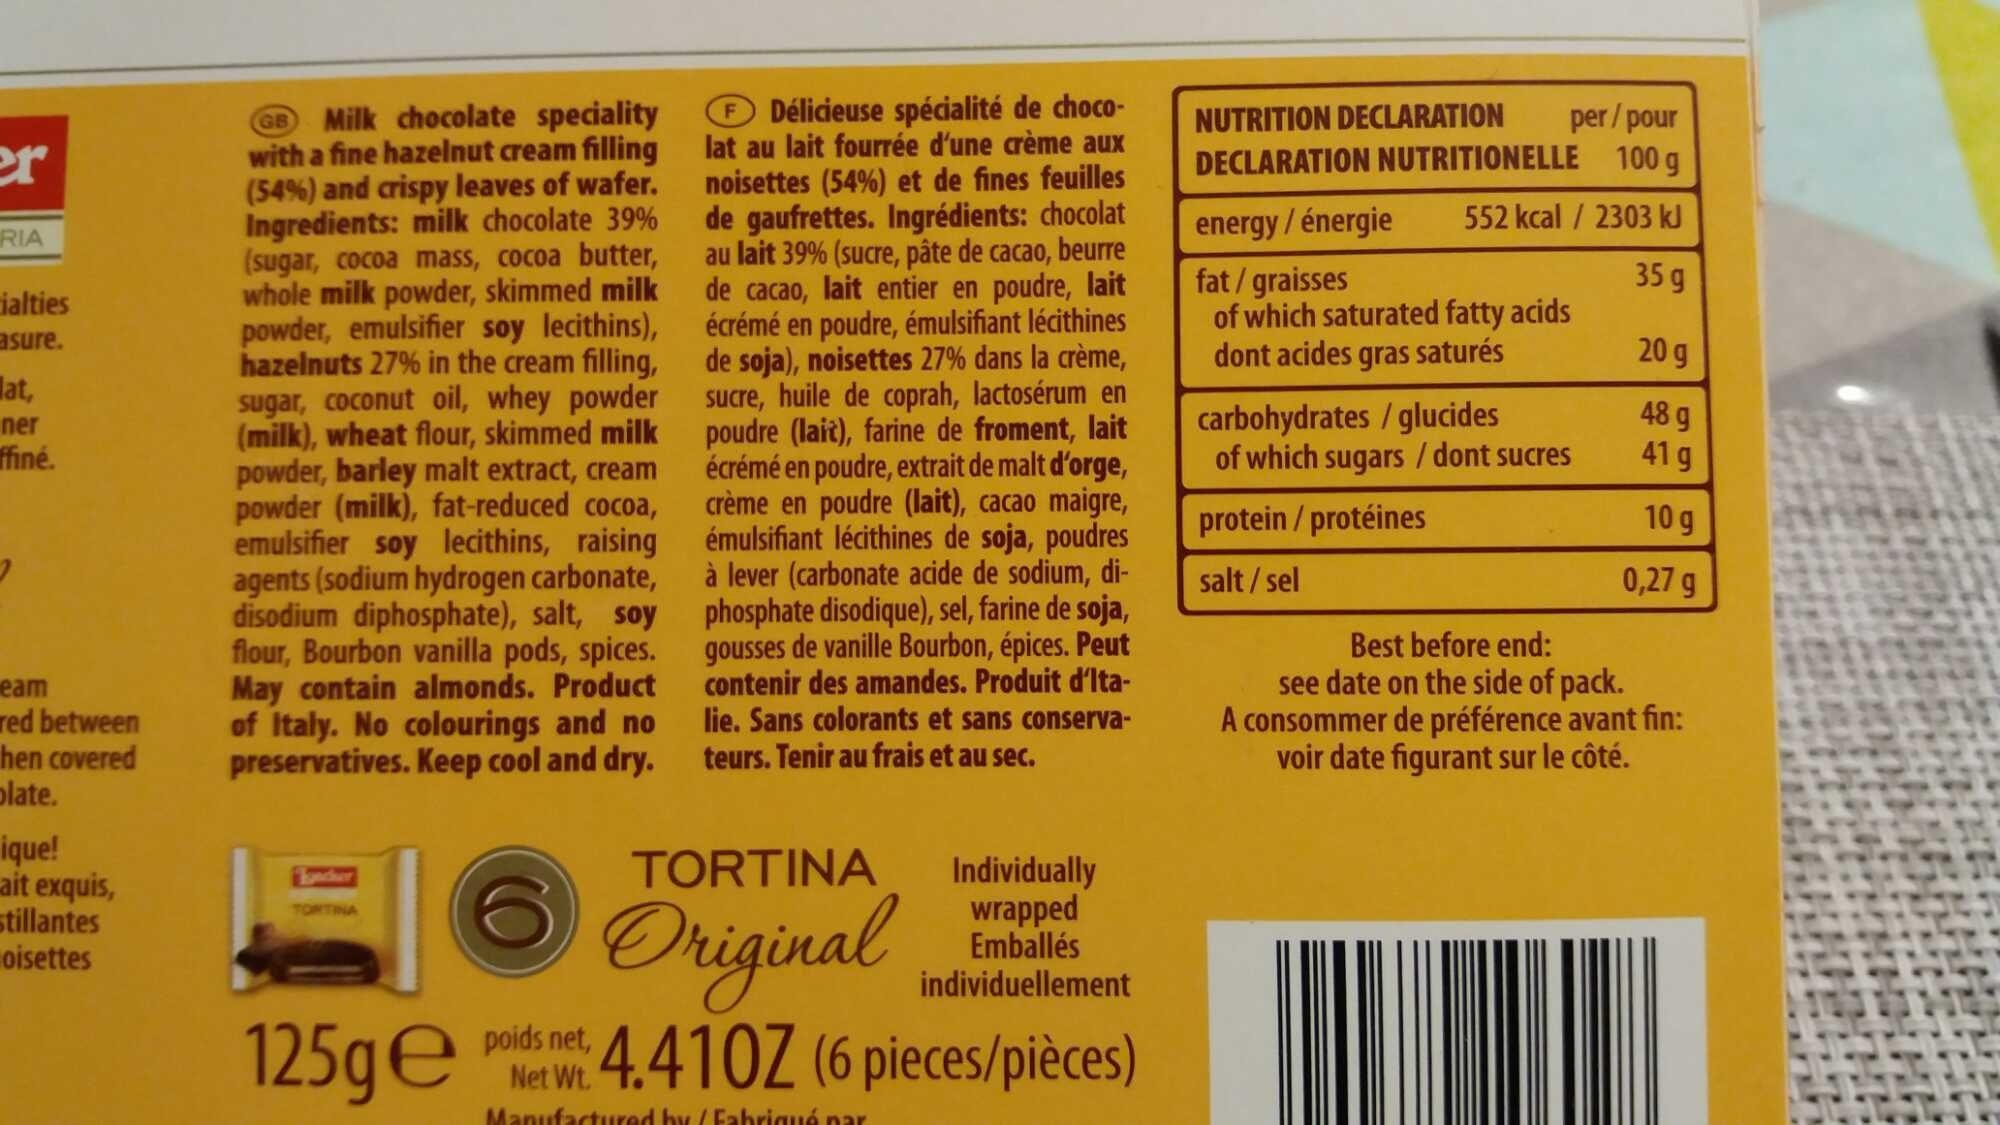 6 Tortina Original - Product - fr